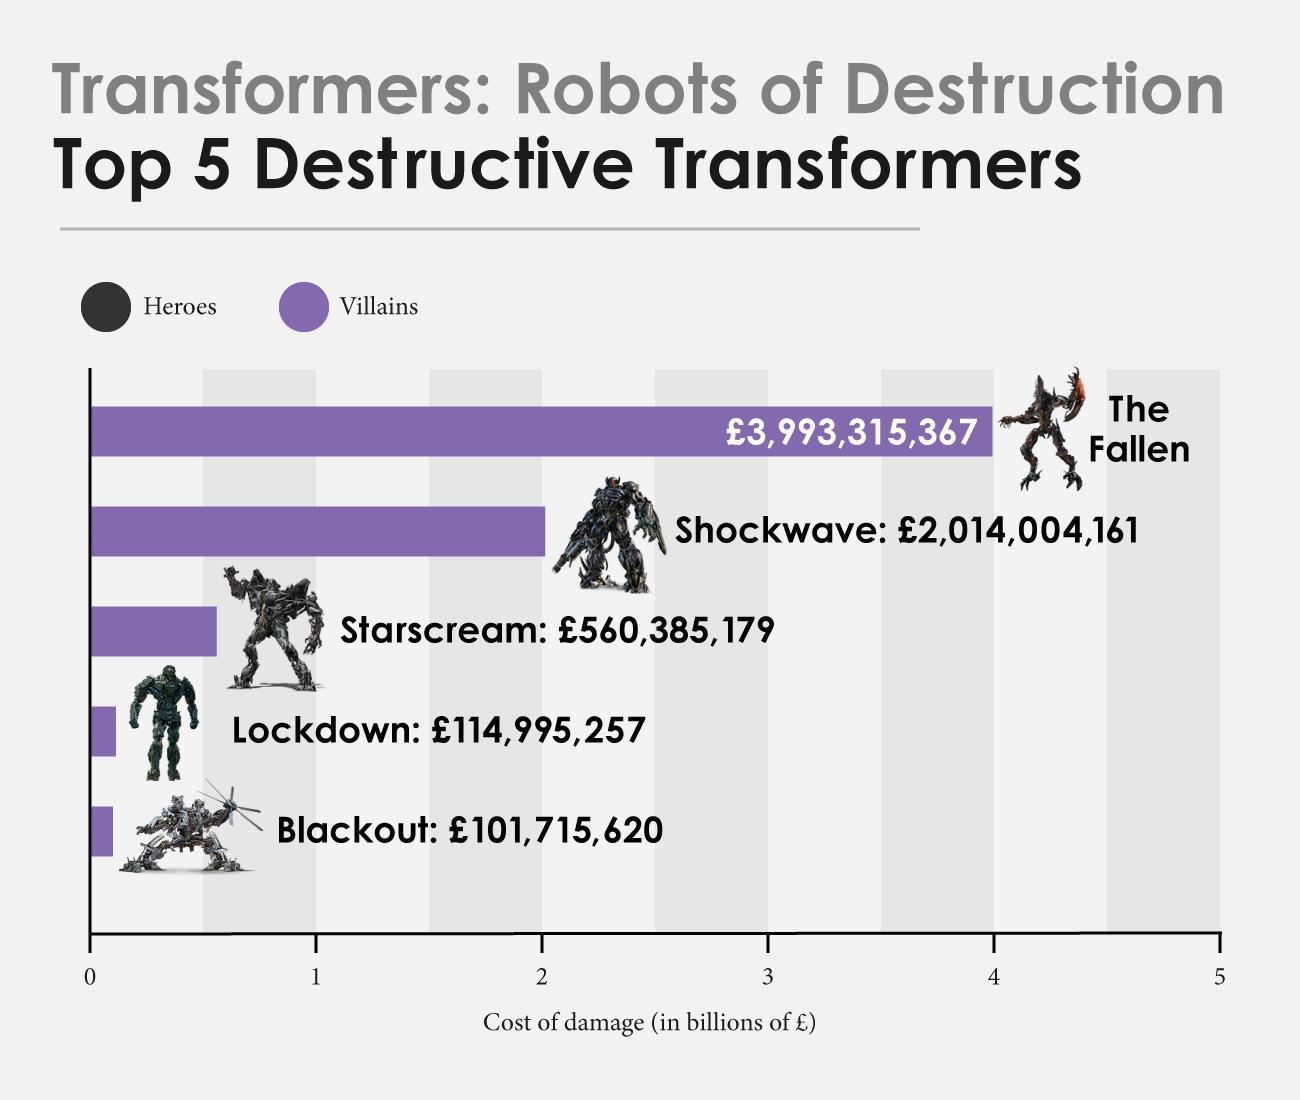 Il più distruttivo dei Decepticon